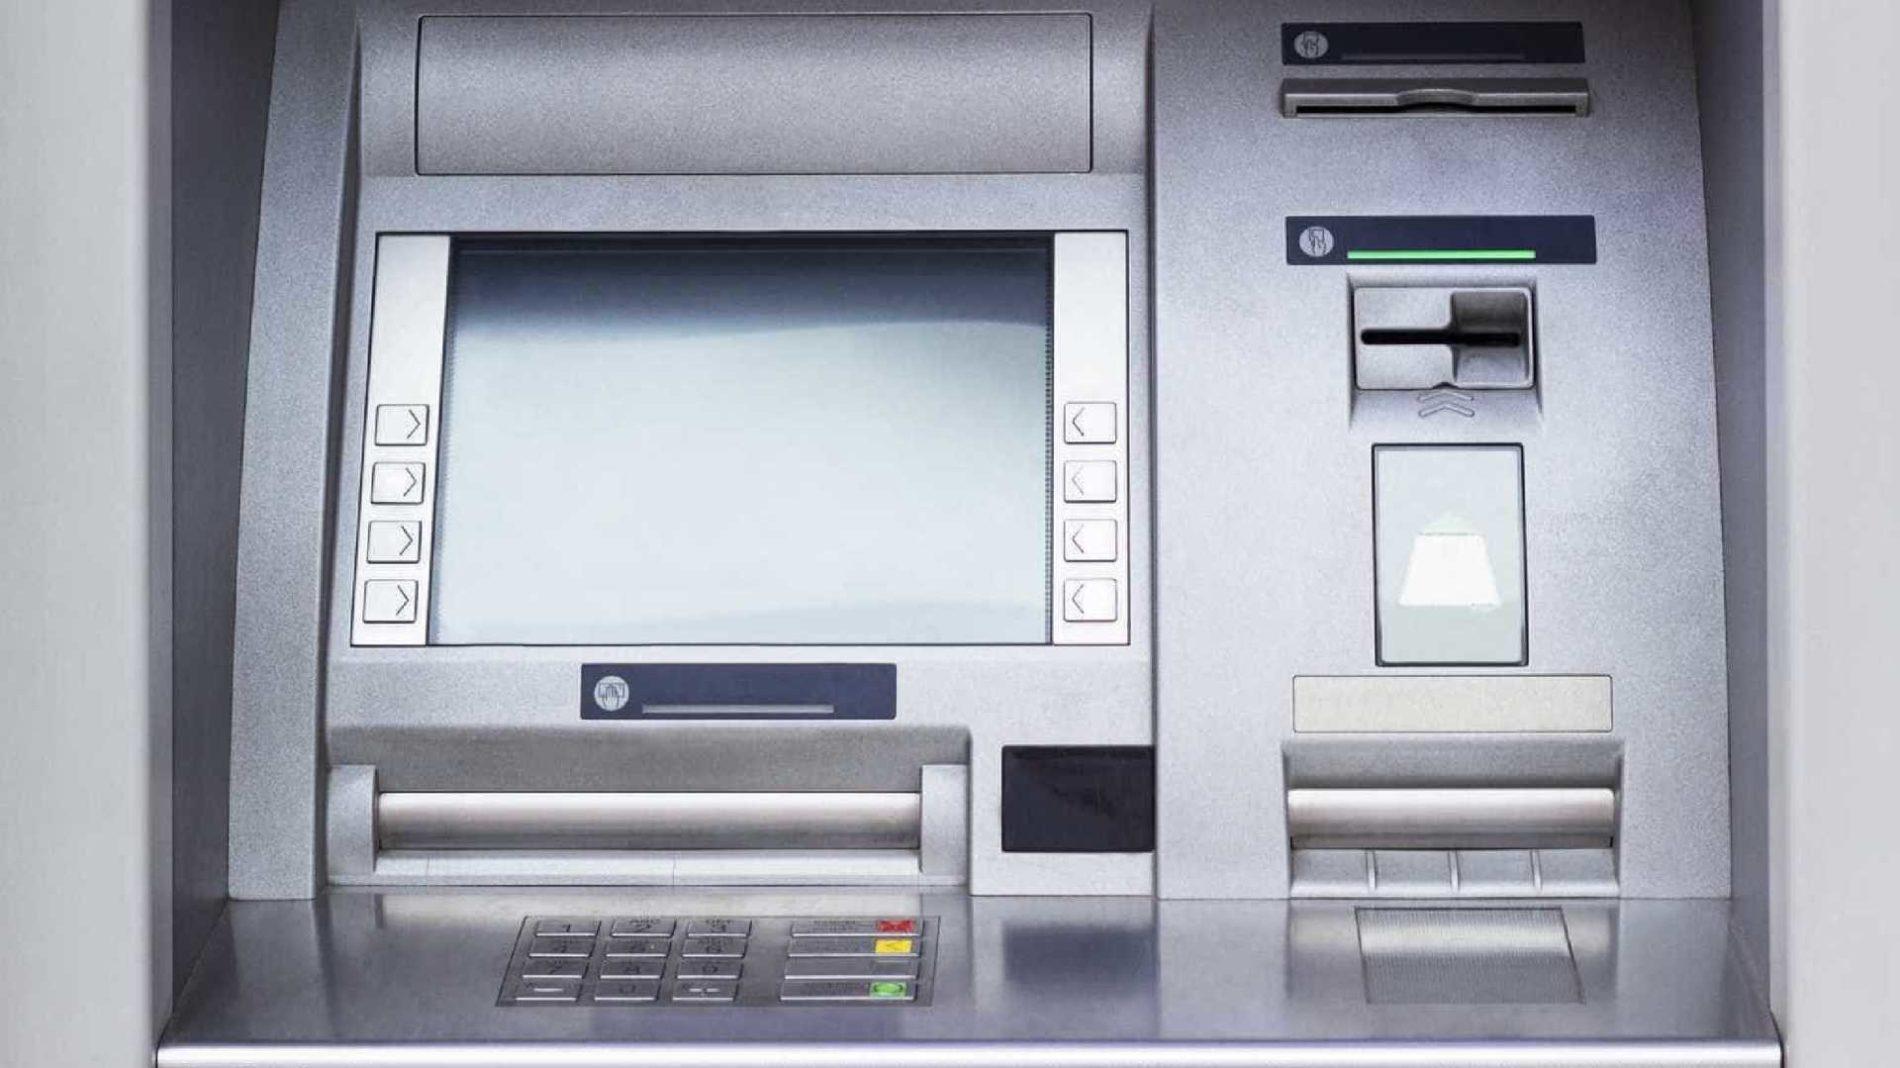 Roubo por explosão em máquinas multibanco em Condeixa e na Mealhada